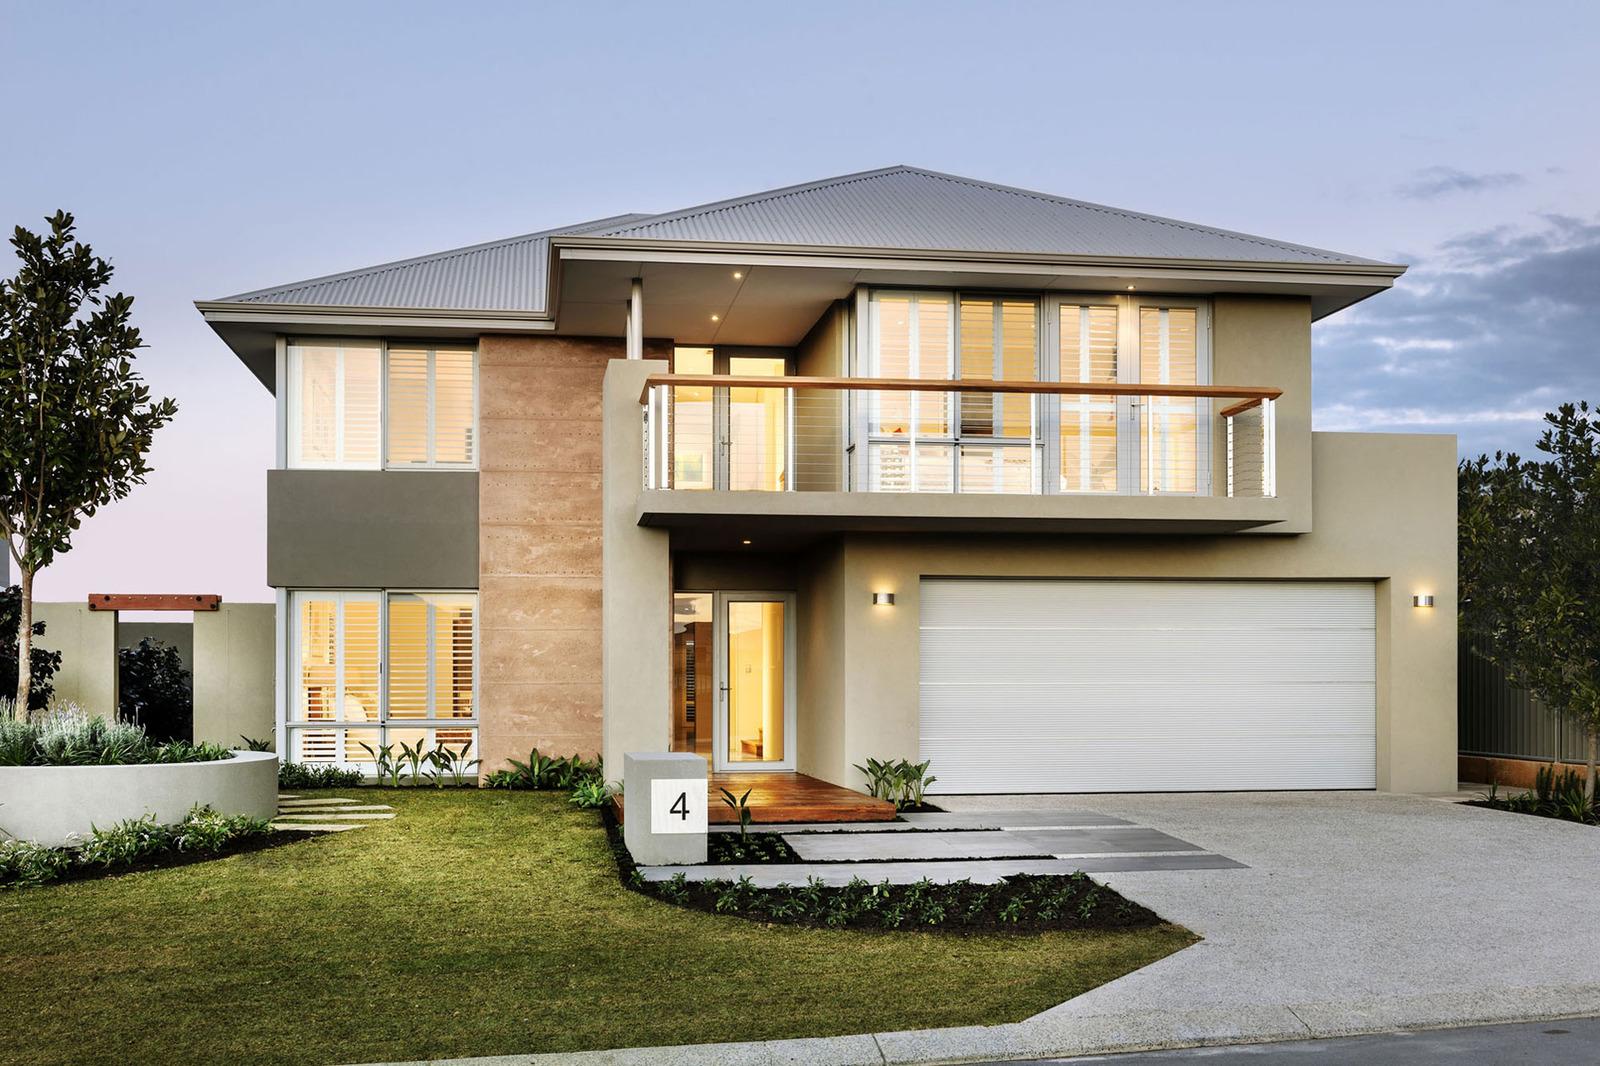 Super cozy elegant home combines craftsmanship with rustic - Exteriores de casas rusticas ...